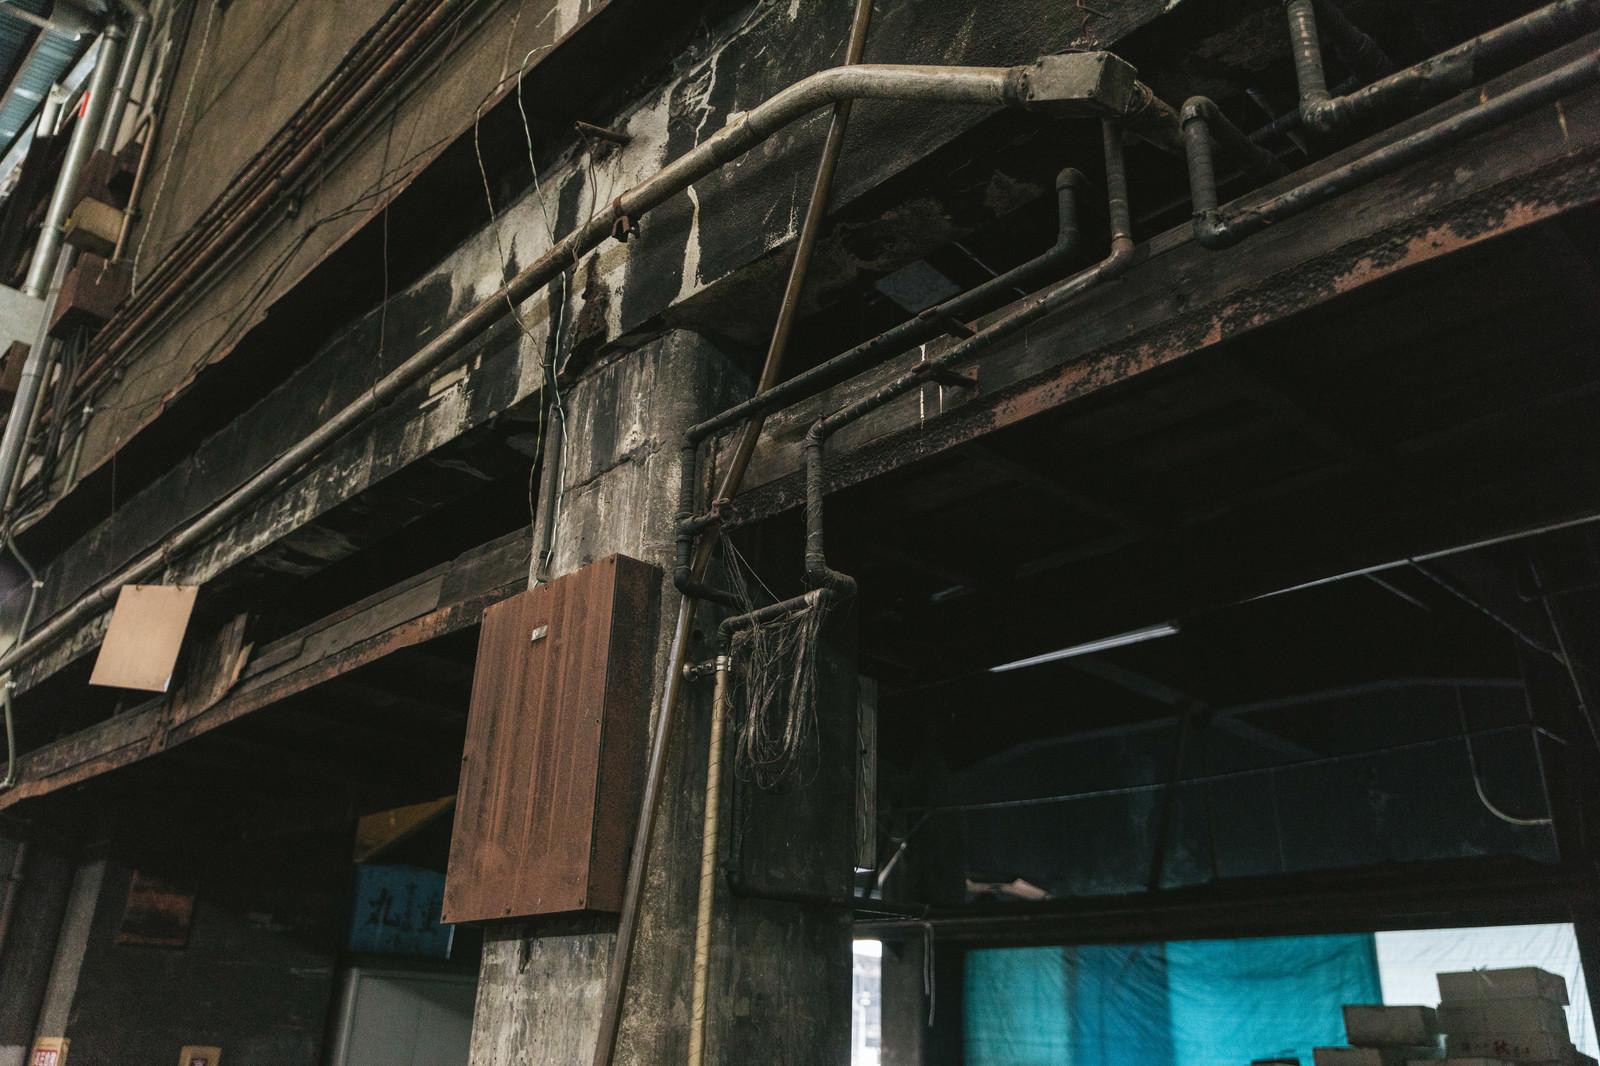 「ひび割れた柱に電線(築地市場) | 写真の無料素材・フリー素材 - ぱくたそ」の写真